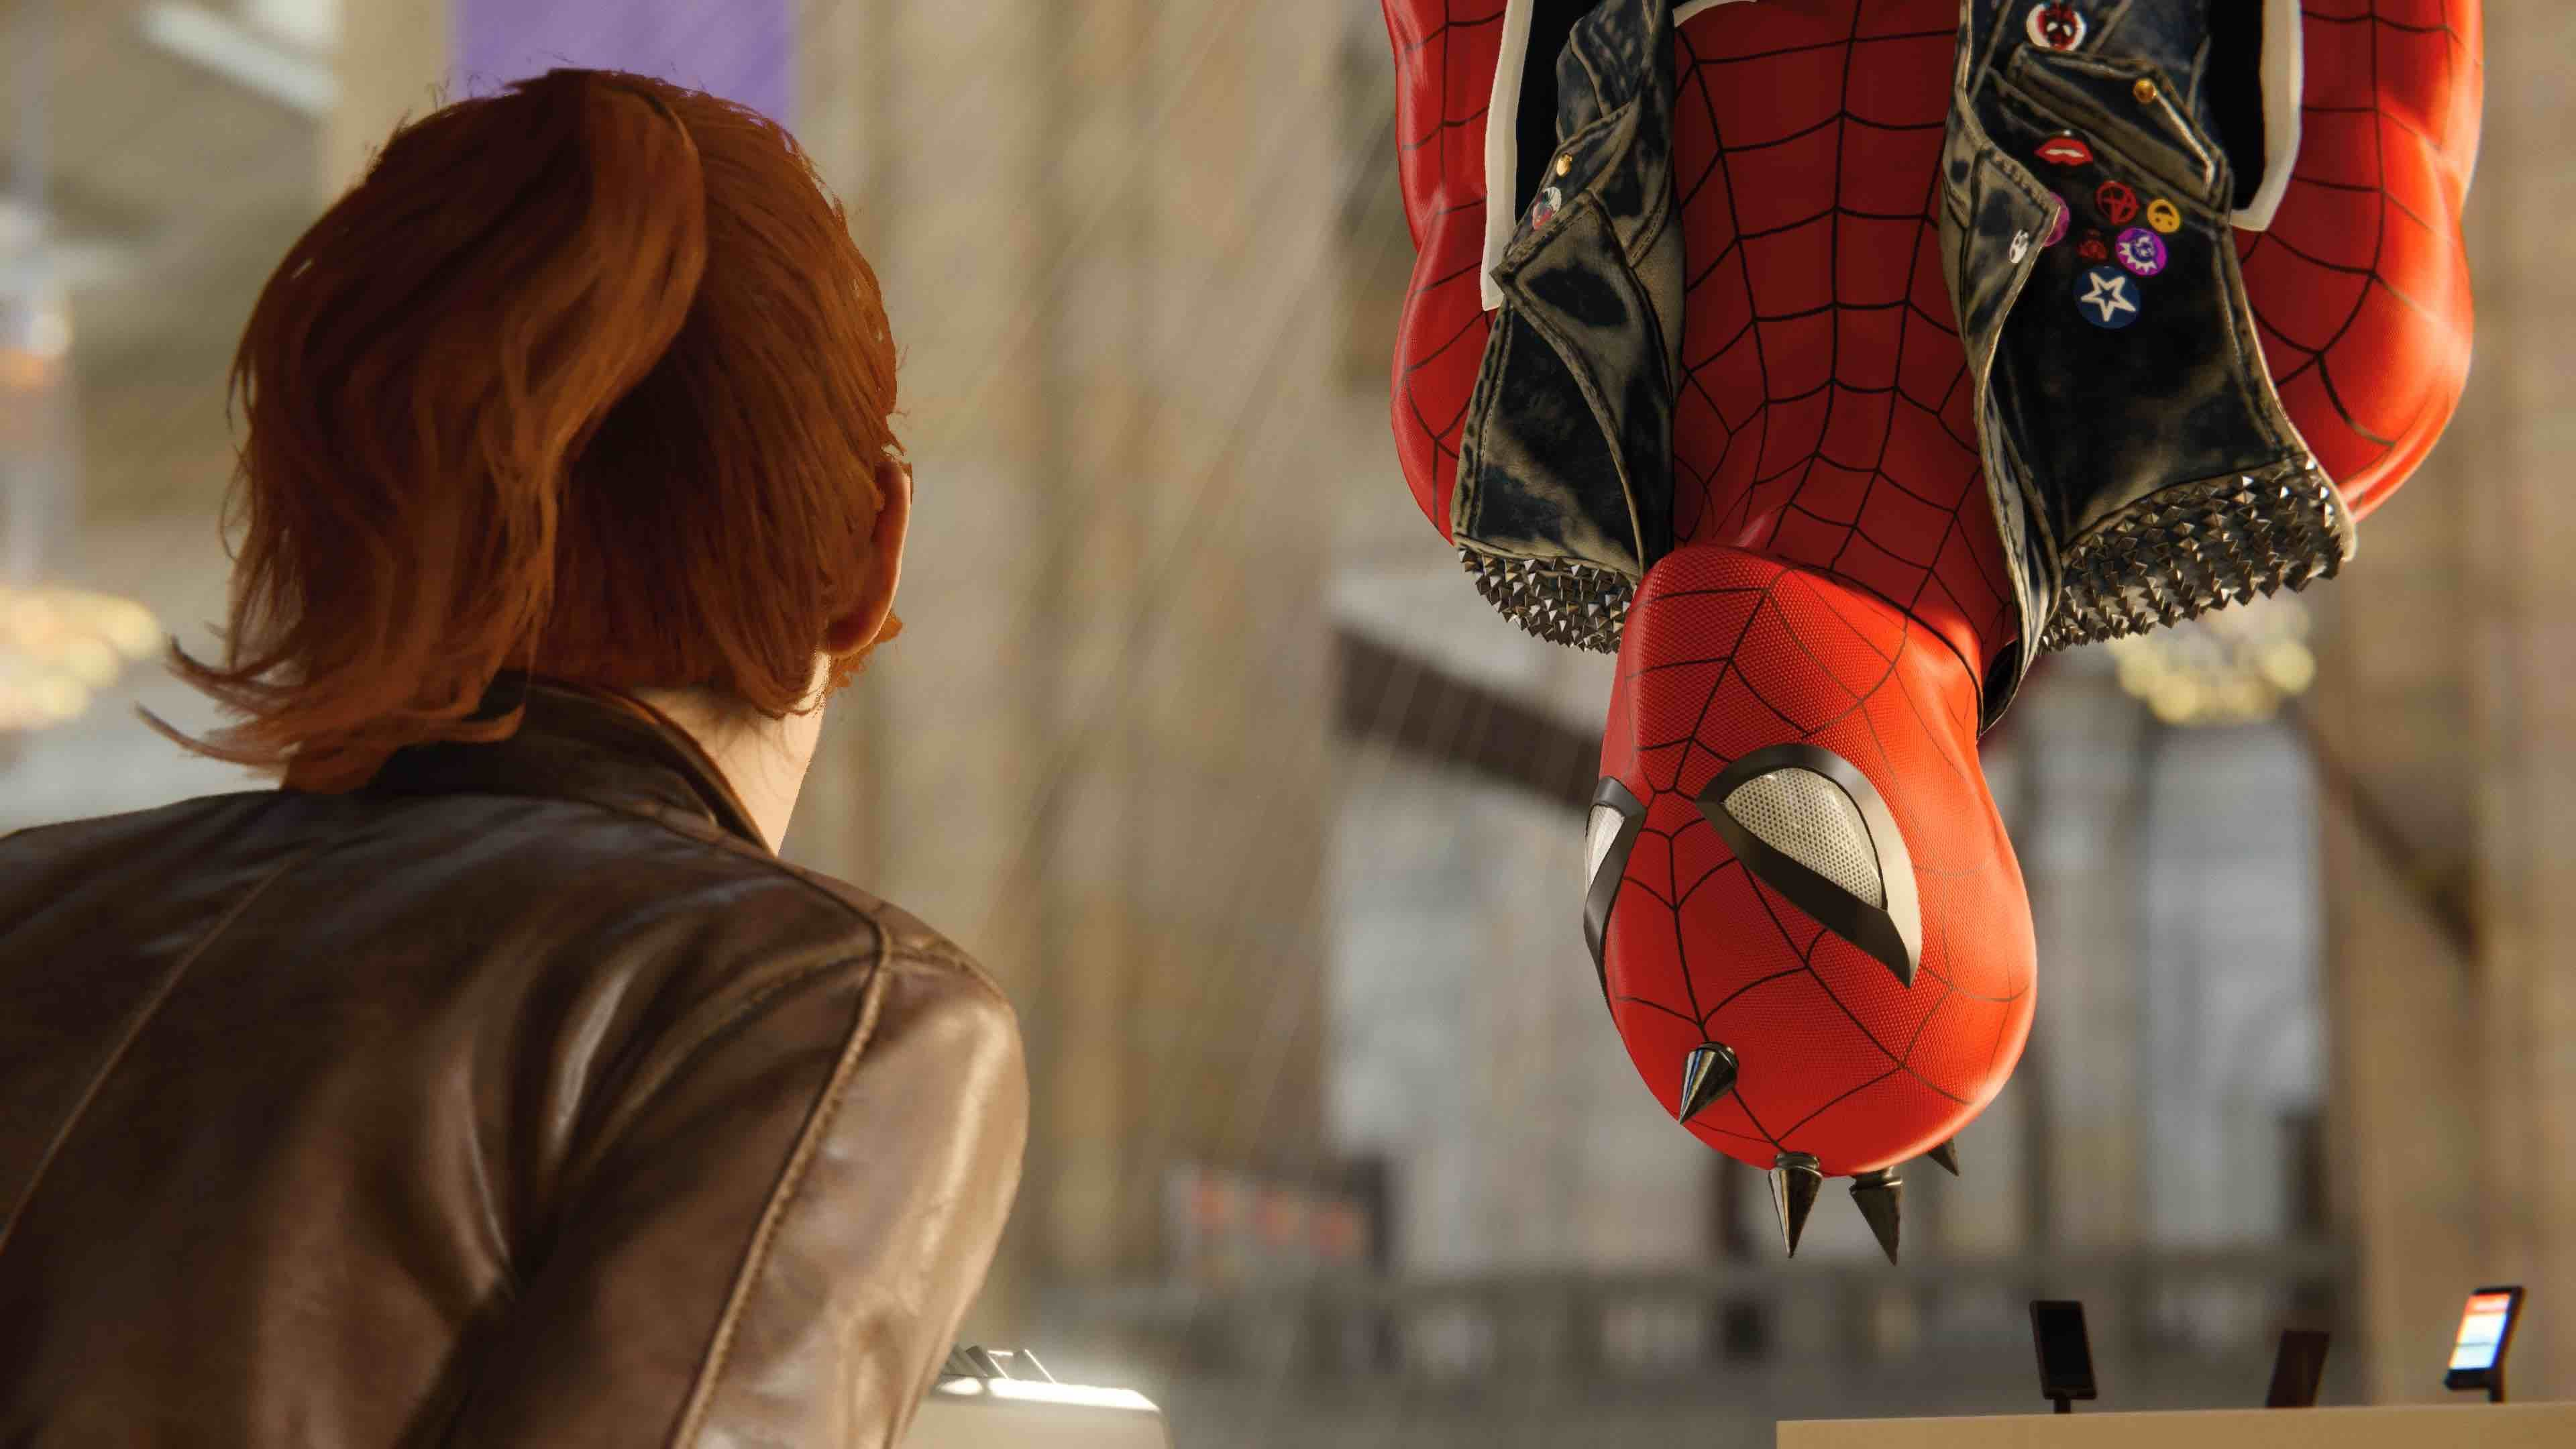 Spiderman Hd Wallpaper Spider Punk Spider Man 4k 8k Hd Marvel Wallpaper